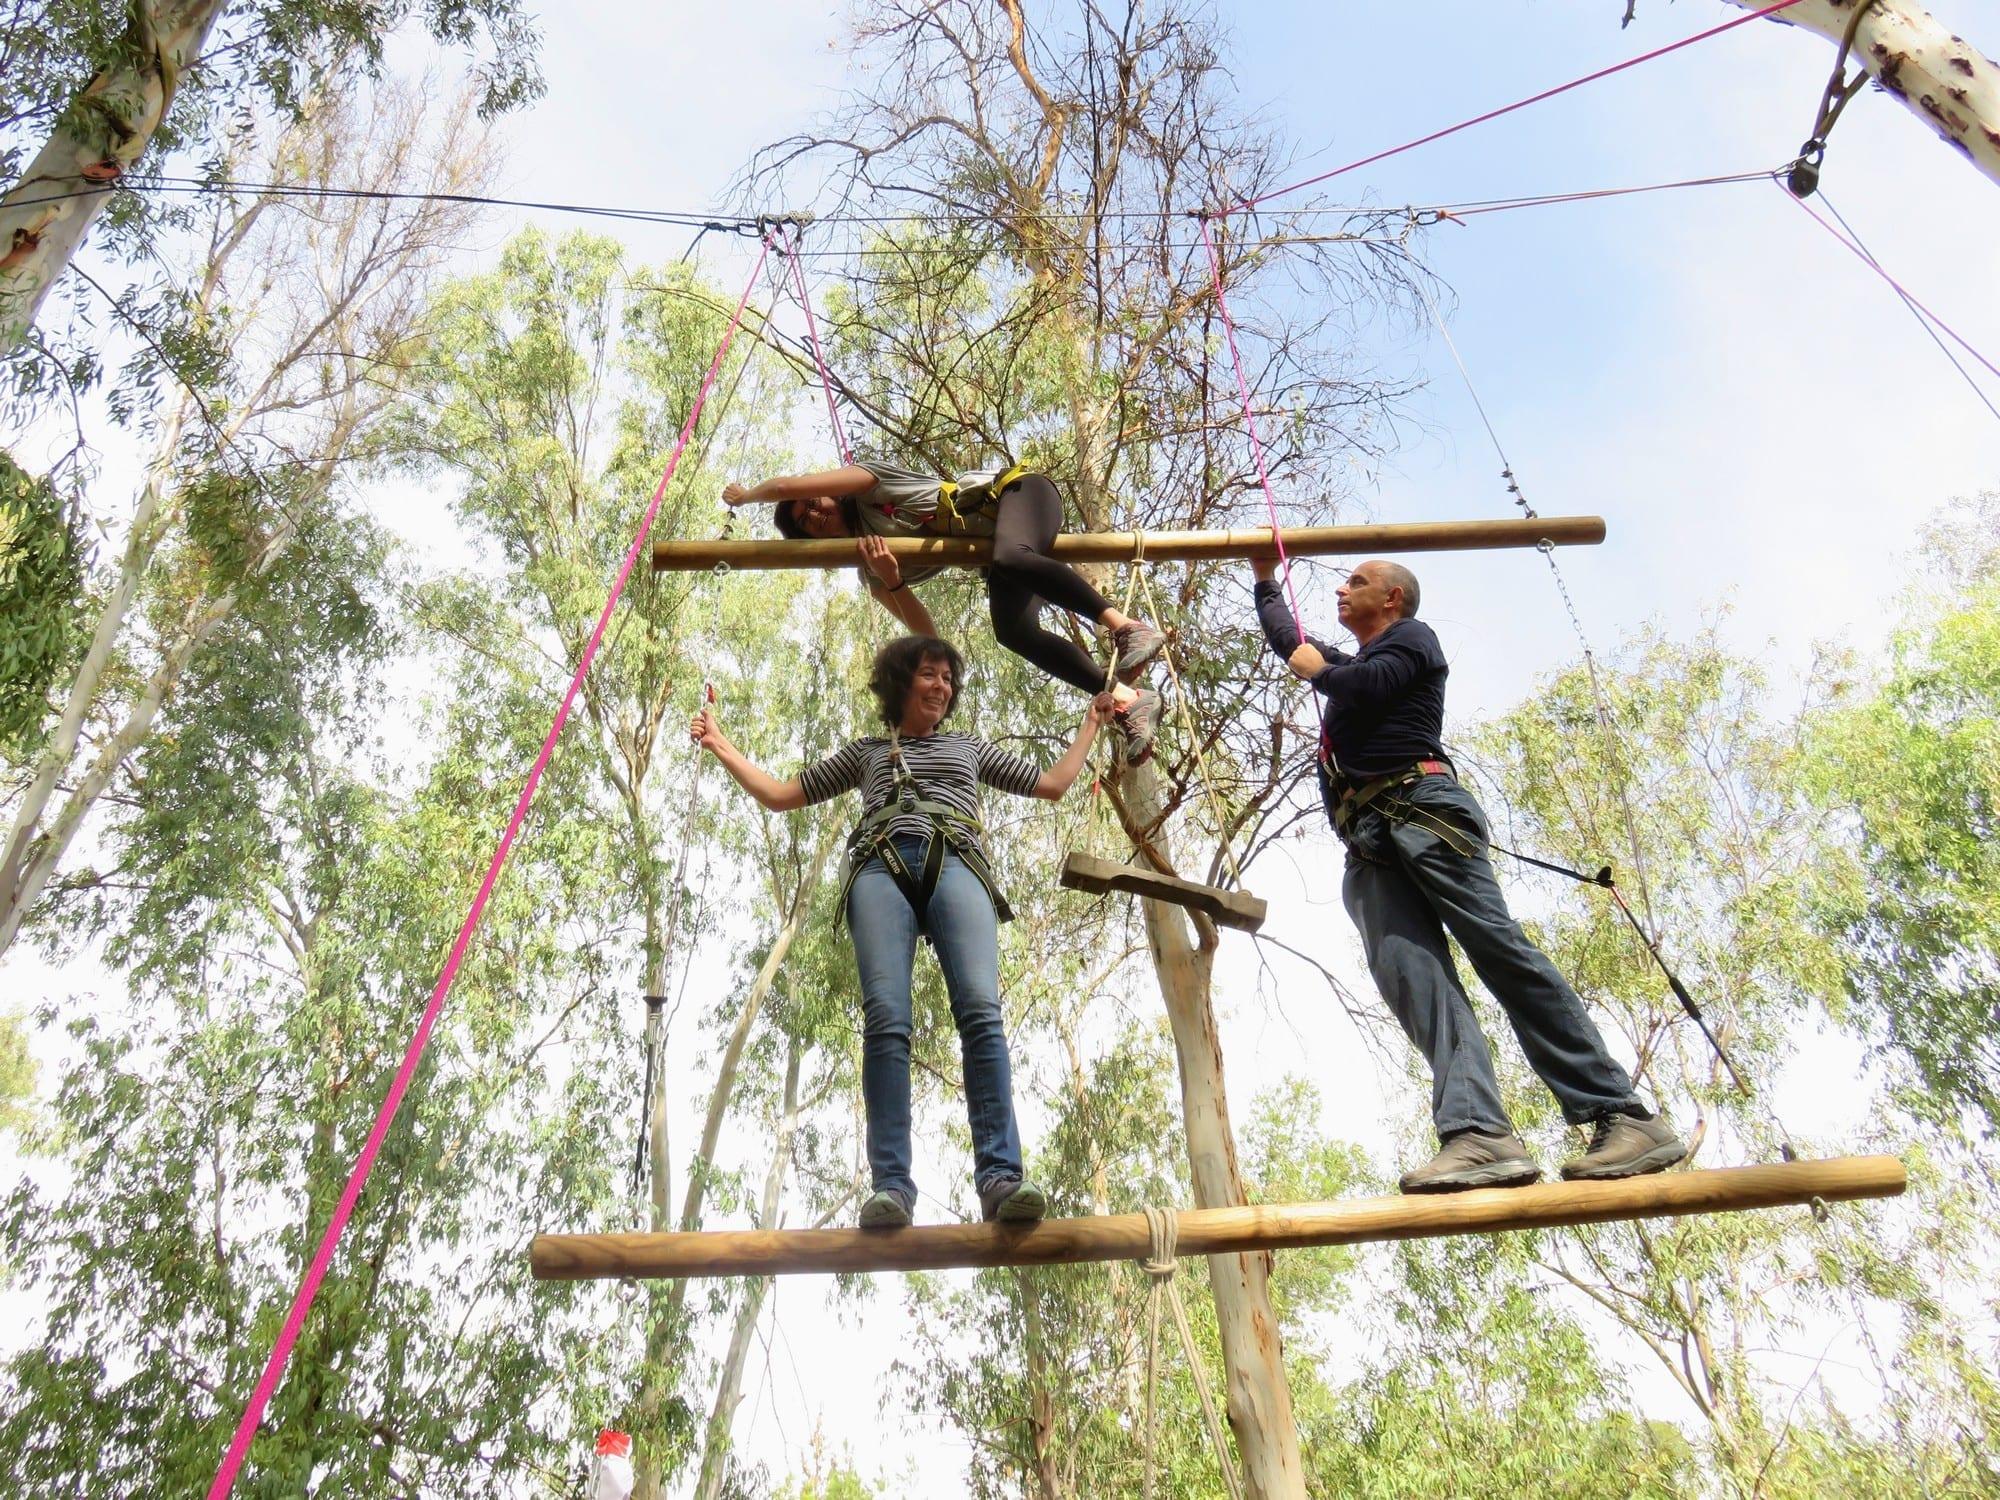 סדנאות מנהלים - משימות על חבלים - ערוצים בטבע